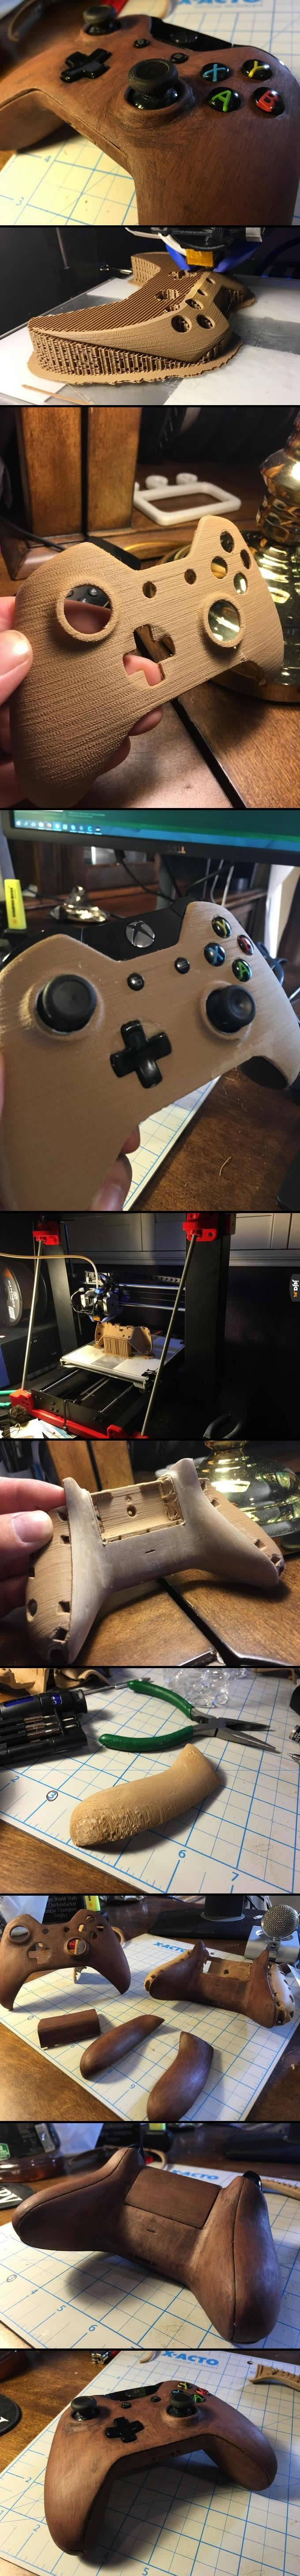 Obudowa do pada wydrukowana w 3D